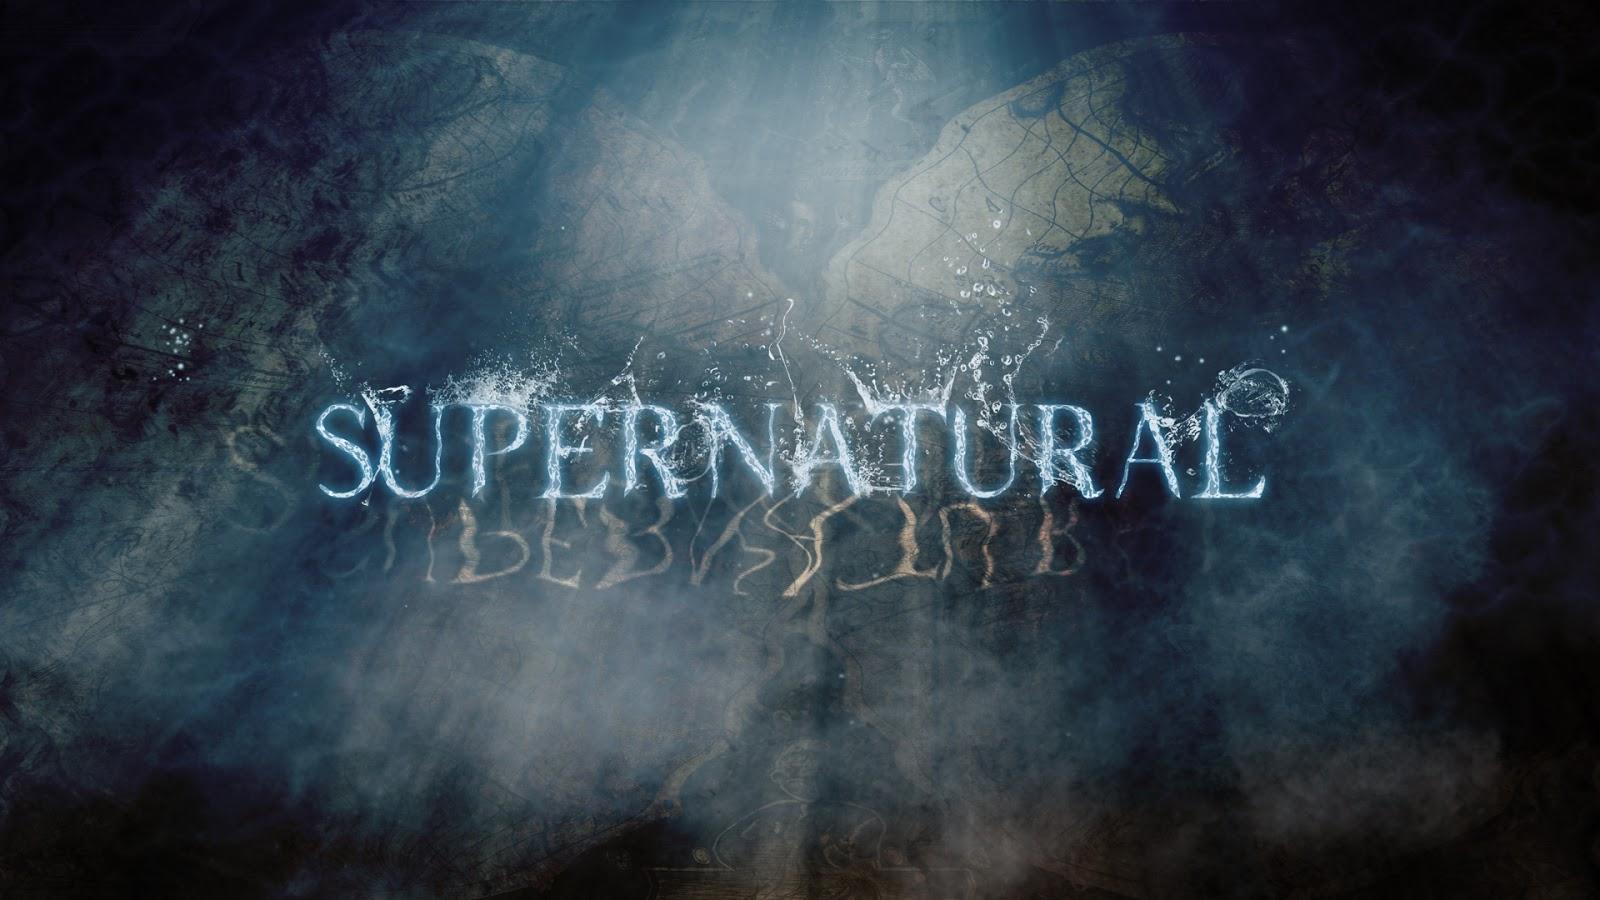 https://2.bp.blogspot.com/-zX858c29Rjo/UVEupGh6FII/AAAAAAAACAo/7oxxD6RyWzE/s1600/supernatural_wallpaper_by_thatsavior-d52at0v.jpg